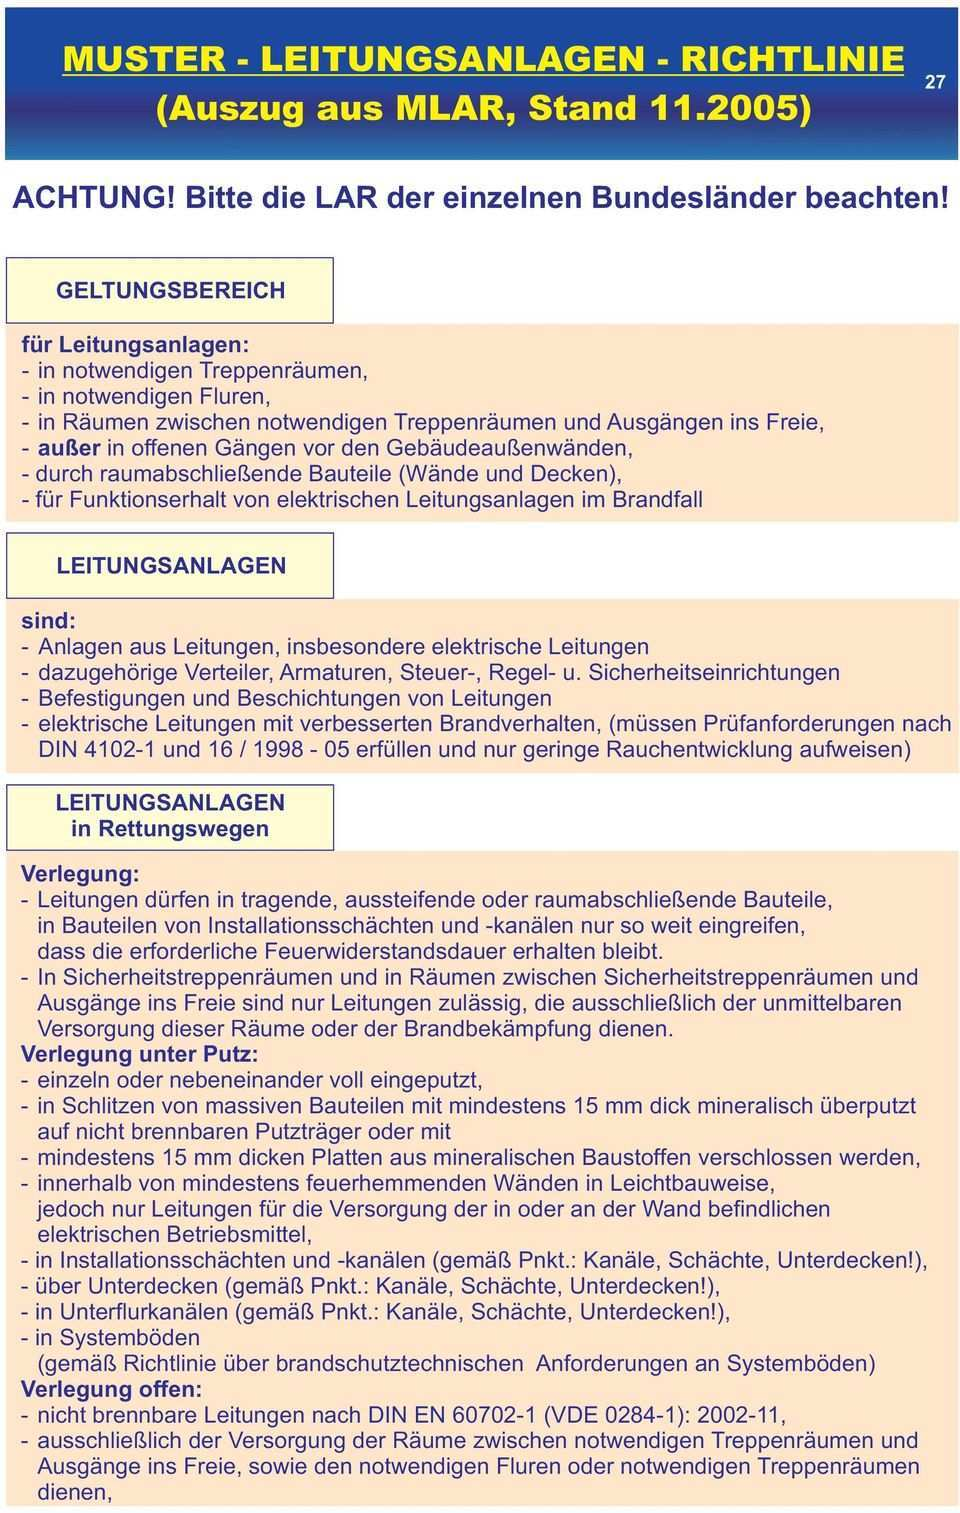 Muster Leitungsanlagen Richtlinie Auszug Aus Mlar Stand Pdf Free Download